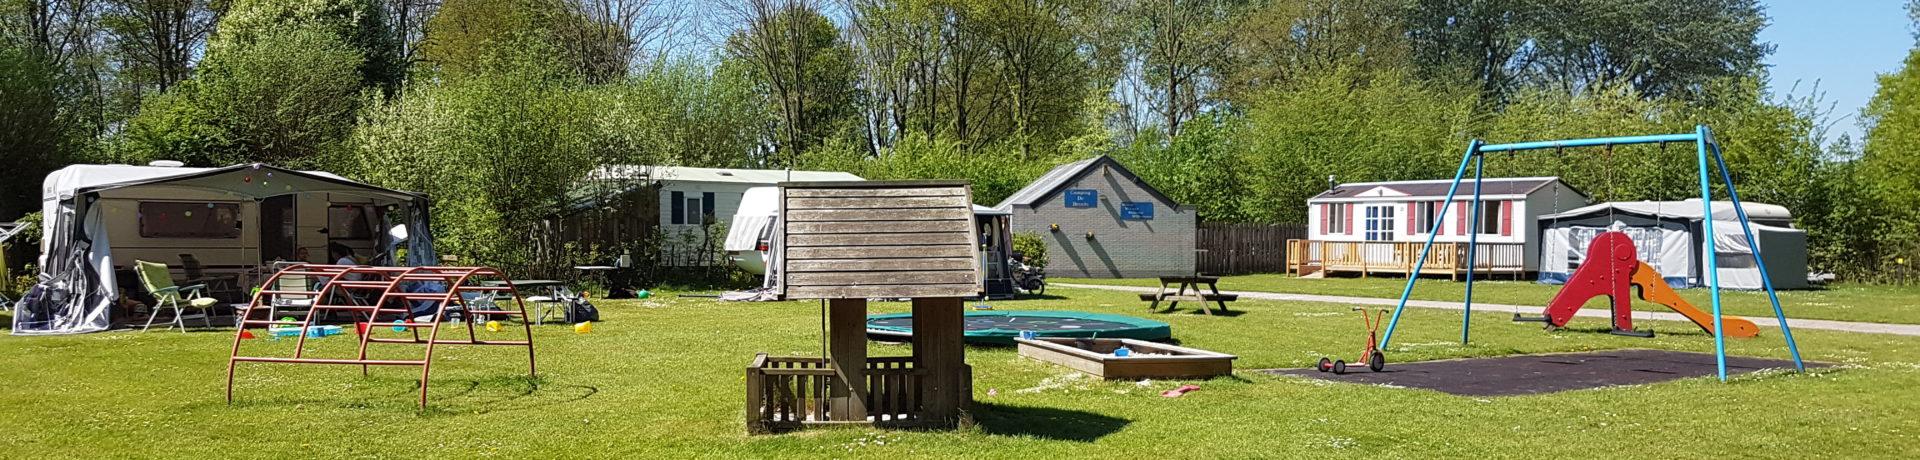 De charme camping De Breede is een gezellige, kleine familiecamping met zwembad in Warffum in de provincie Noord-Groningen.